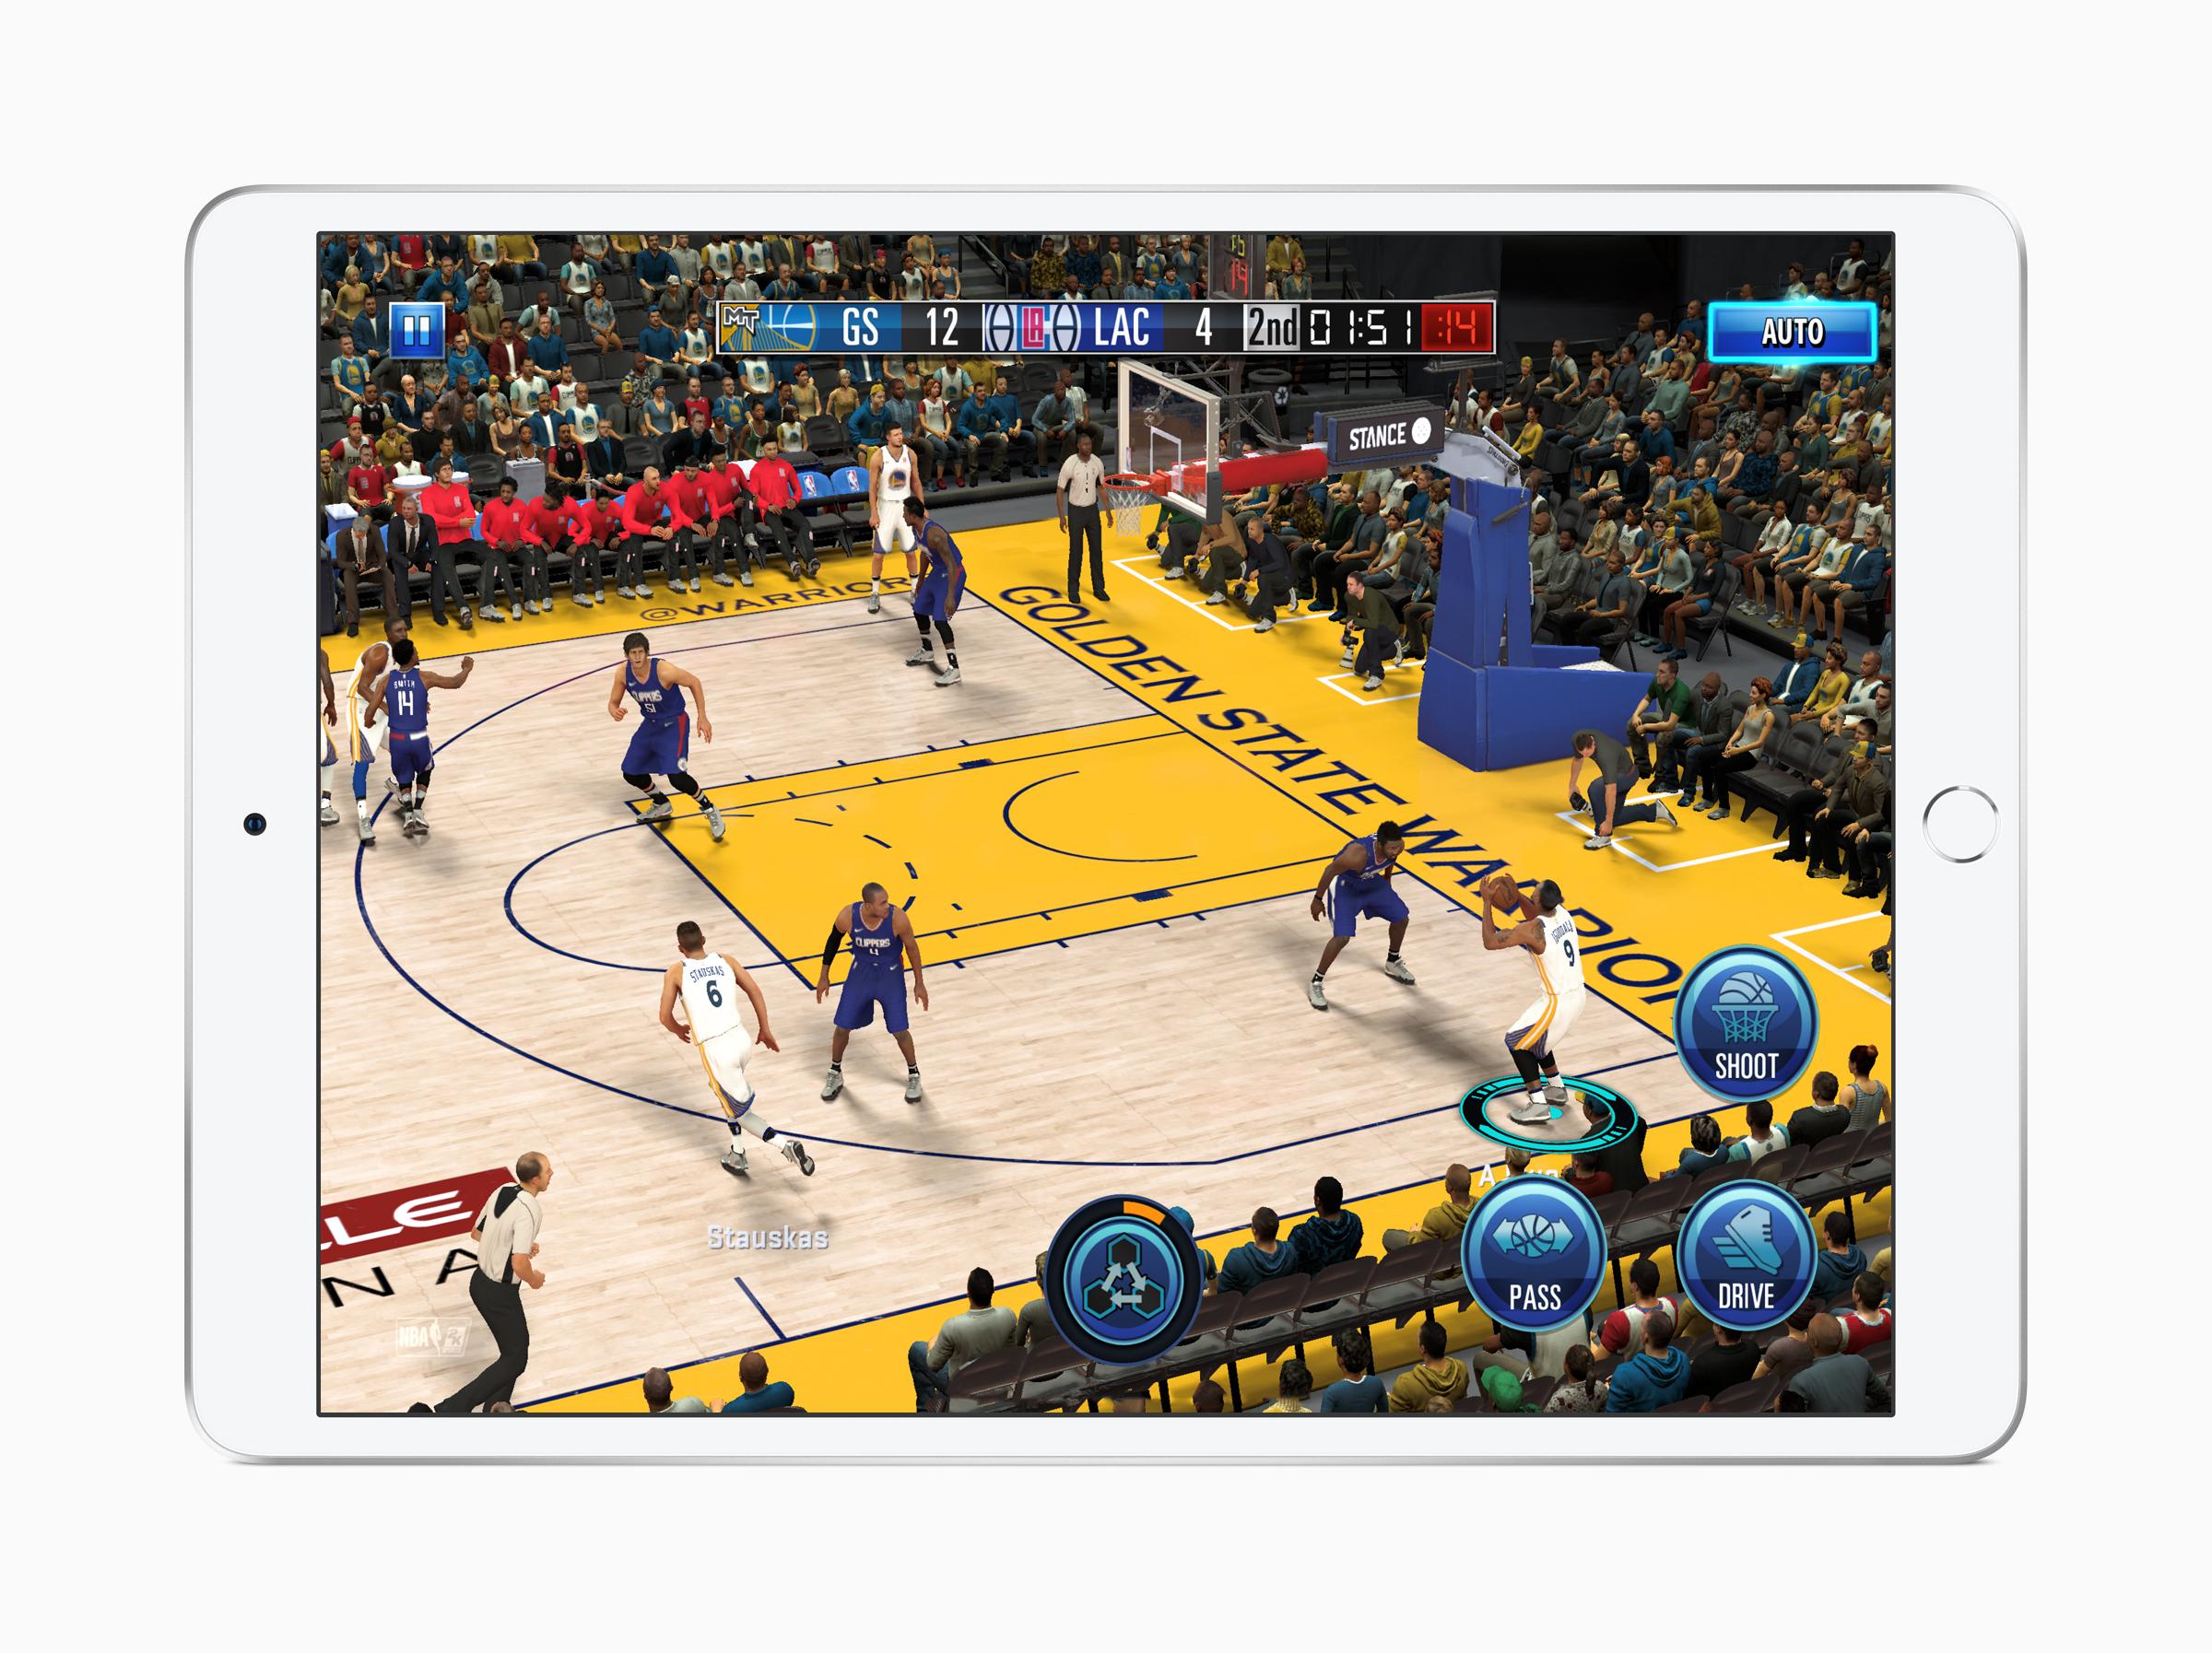 New-iPad-Air-nba2k-03192019.jpg